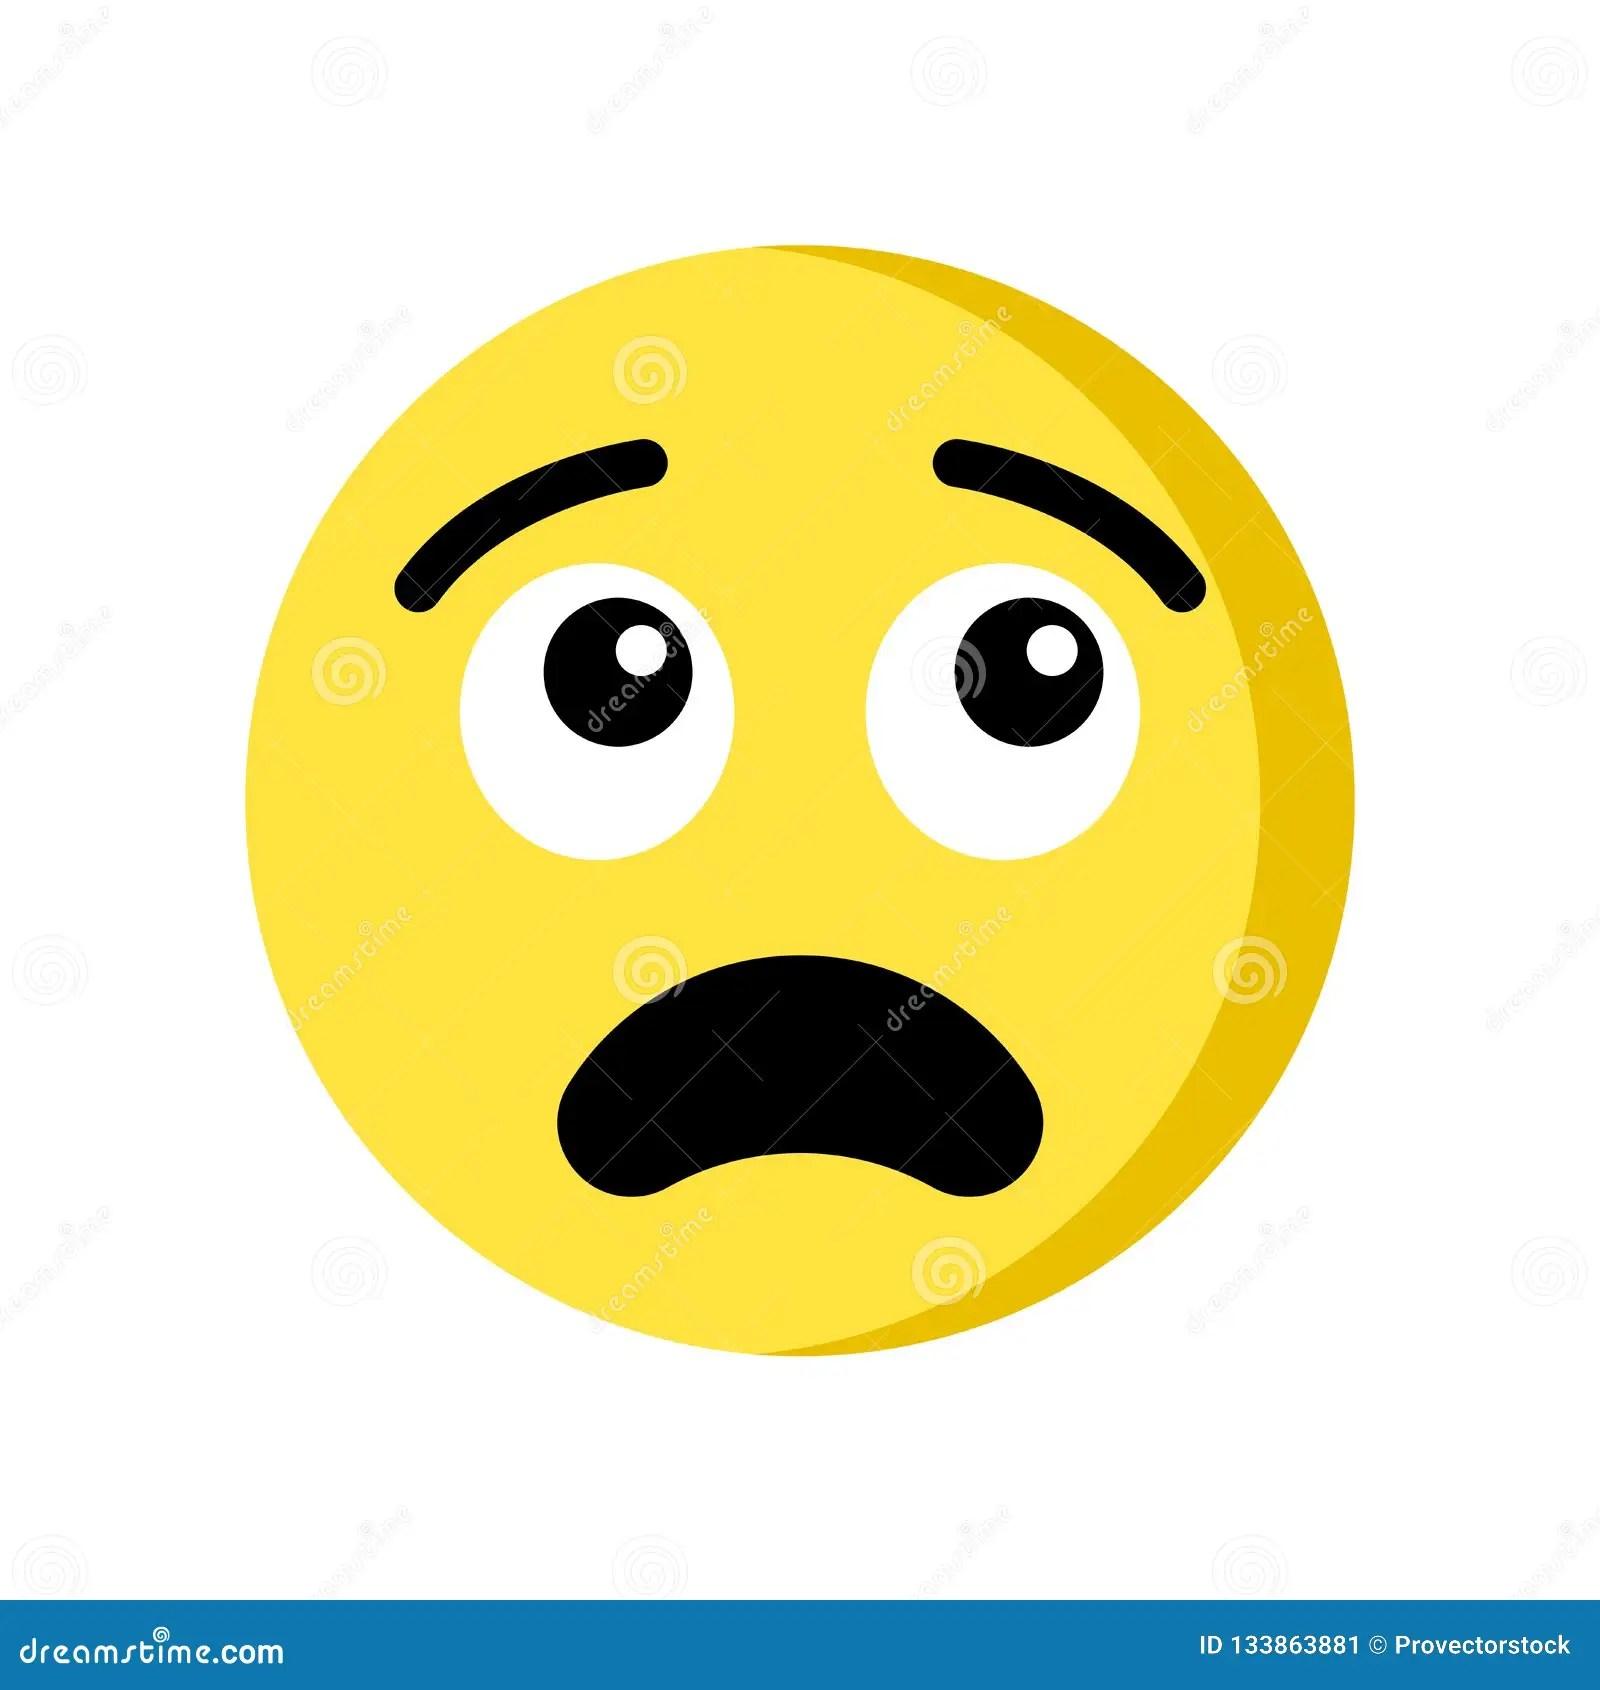 thinking emoji icon isolated